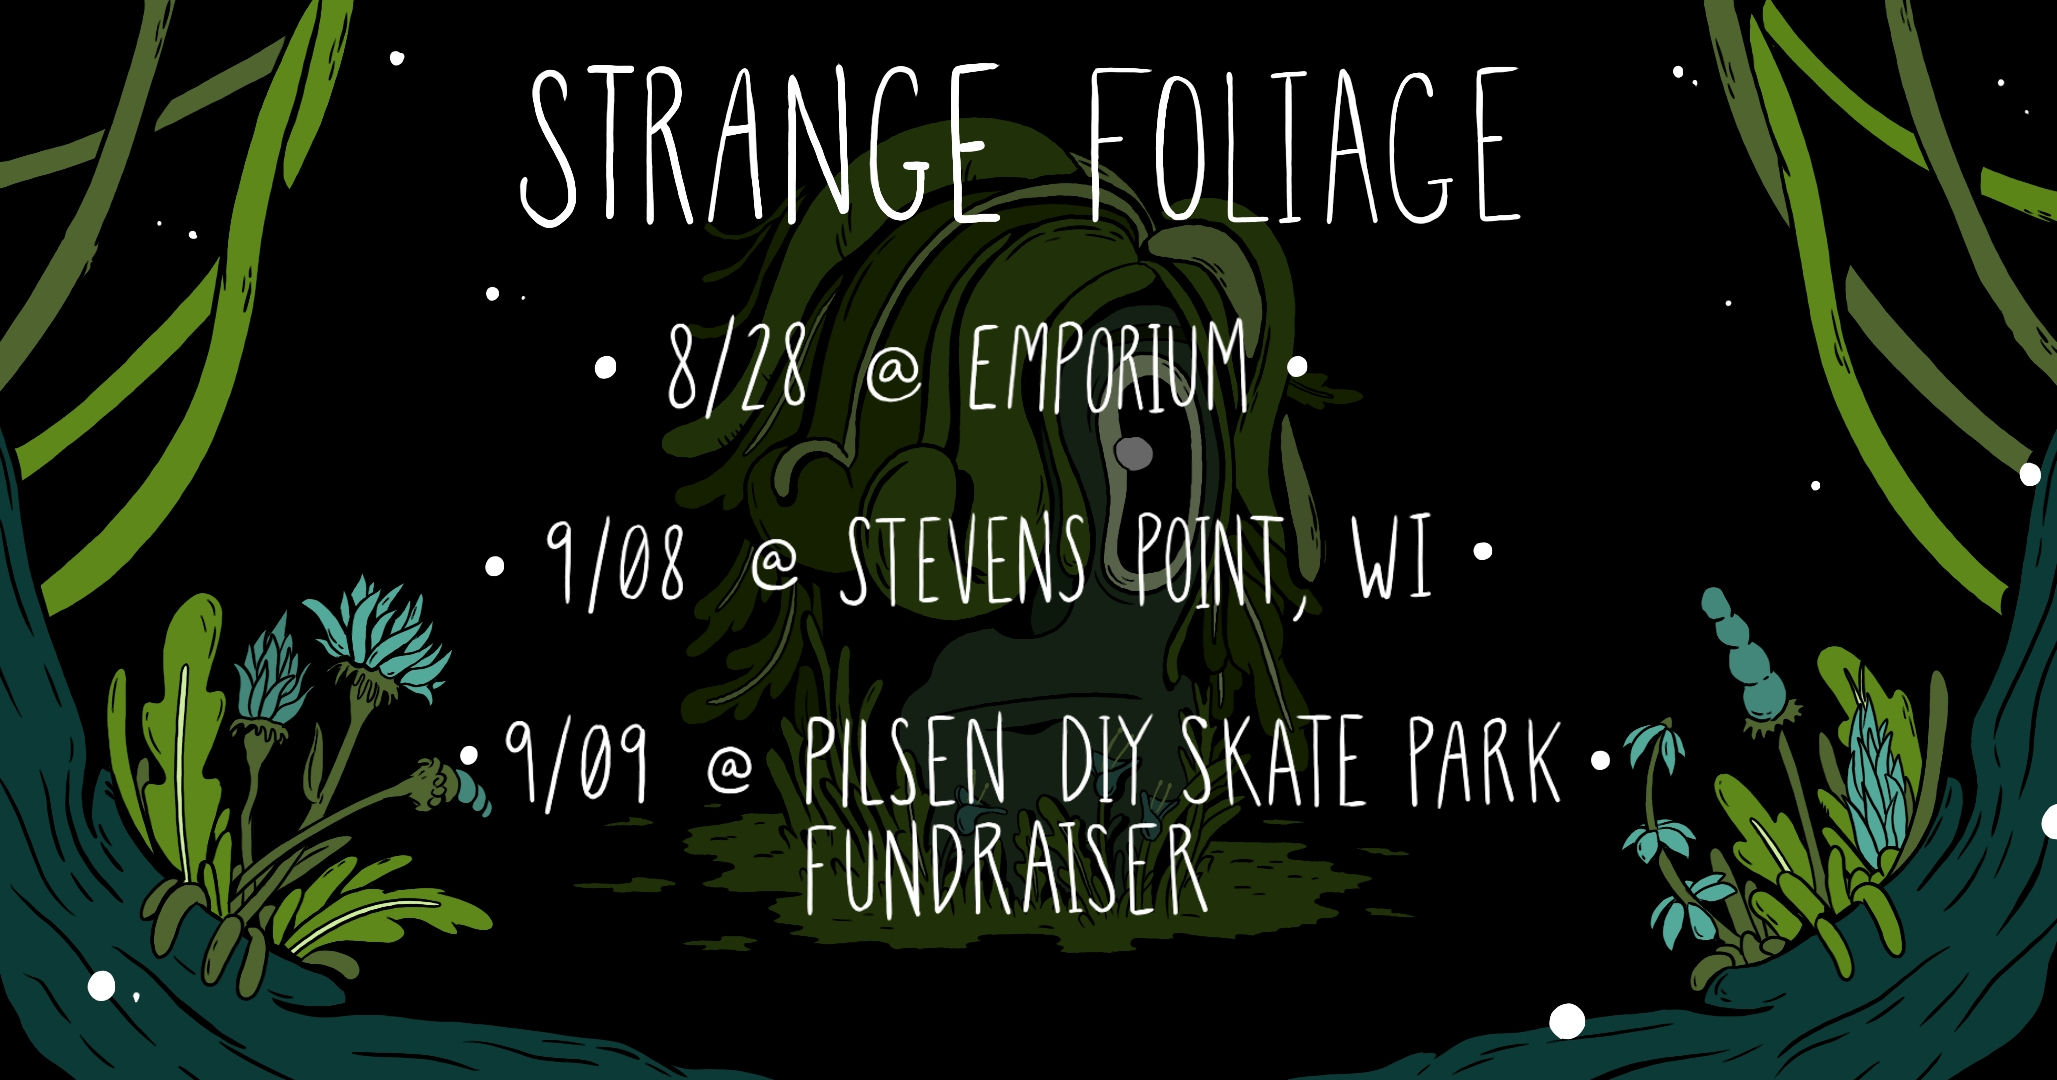 strangeFoliage_promo_82817-090917_v01_2057x1080.jpg